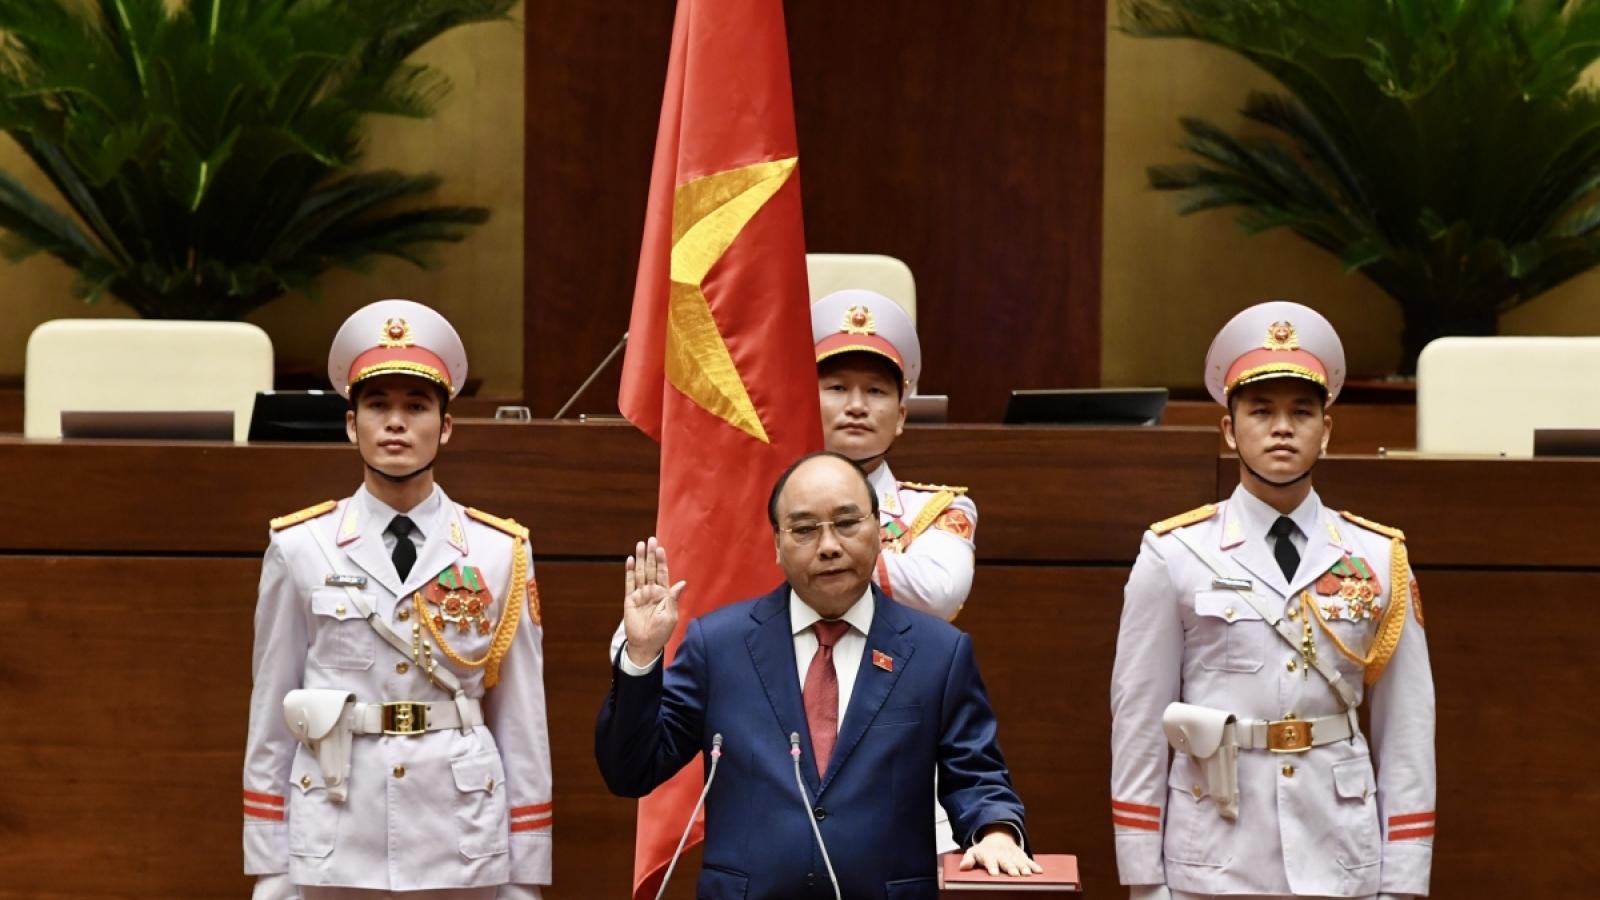 Điện mừng lãnh đạo cấp cao Việt Nam được bầu lại tại Kỳ họp thứ nhất, Quốc hội khóa XV